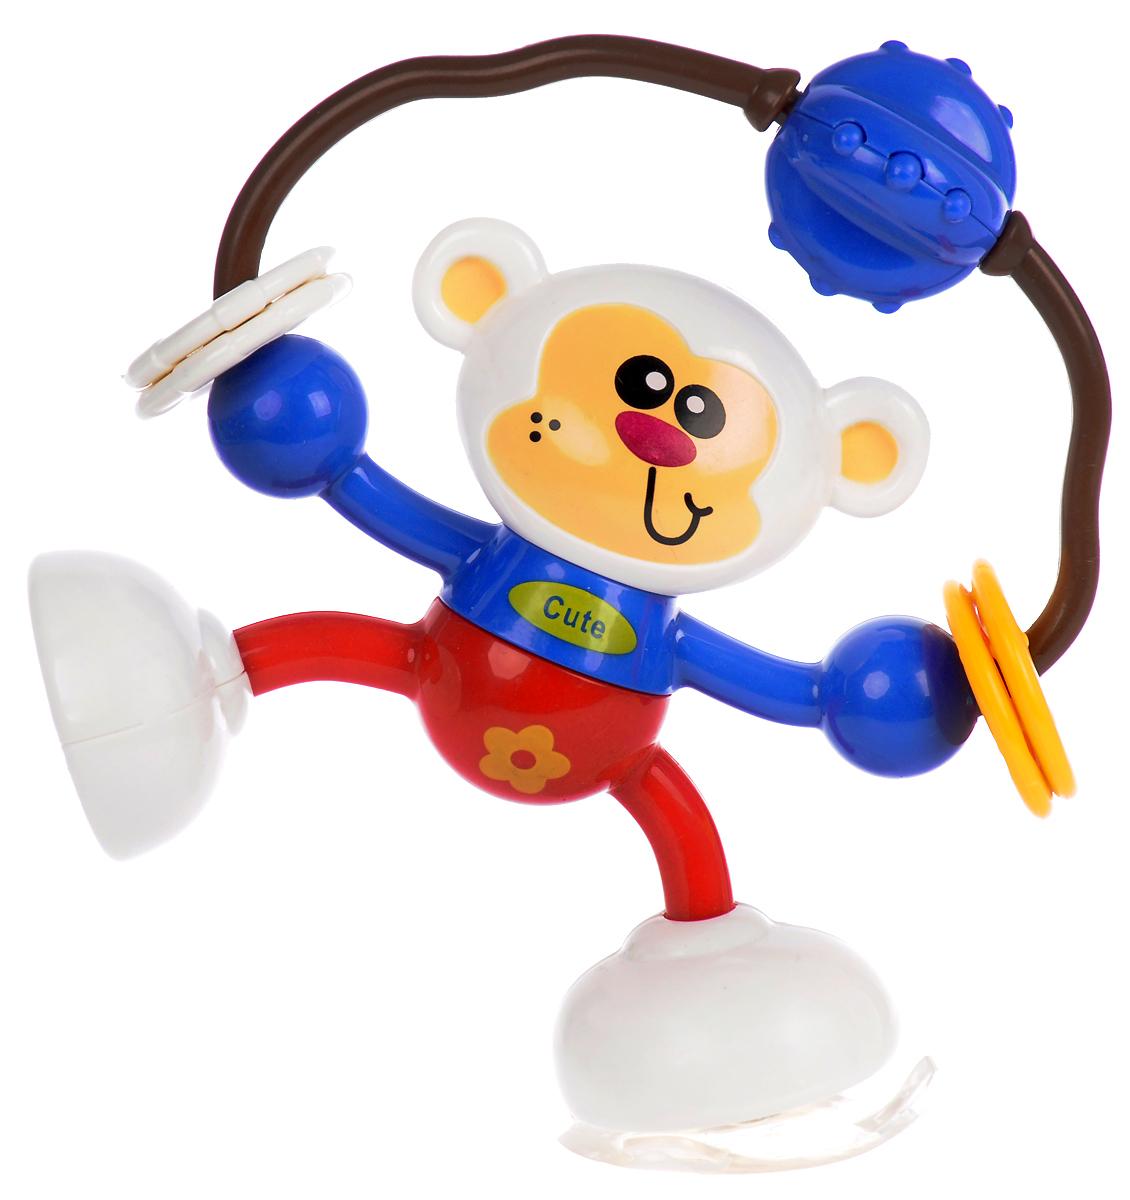 Ути-Пути Развивающая игрушка Обезьянка ути пути развивающая игрушка обезьянка цвет красный оранжевый